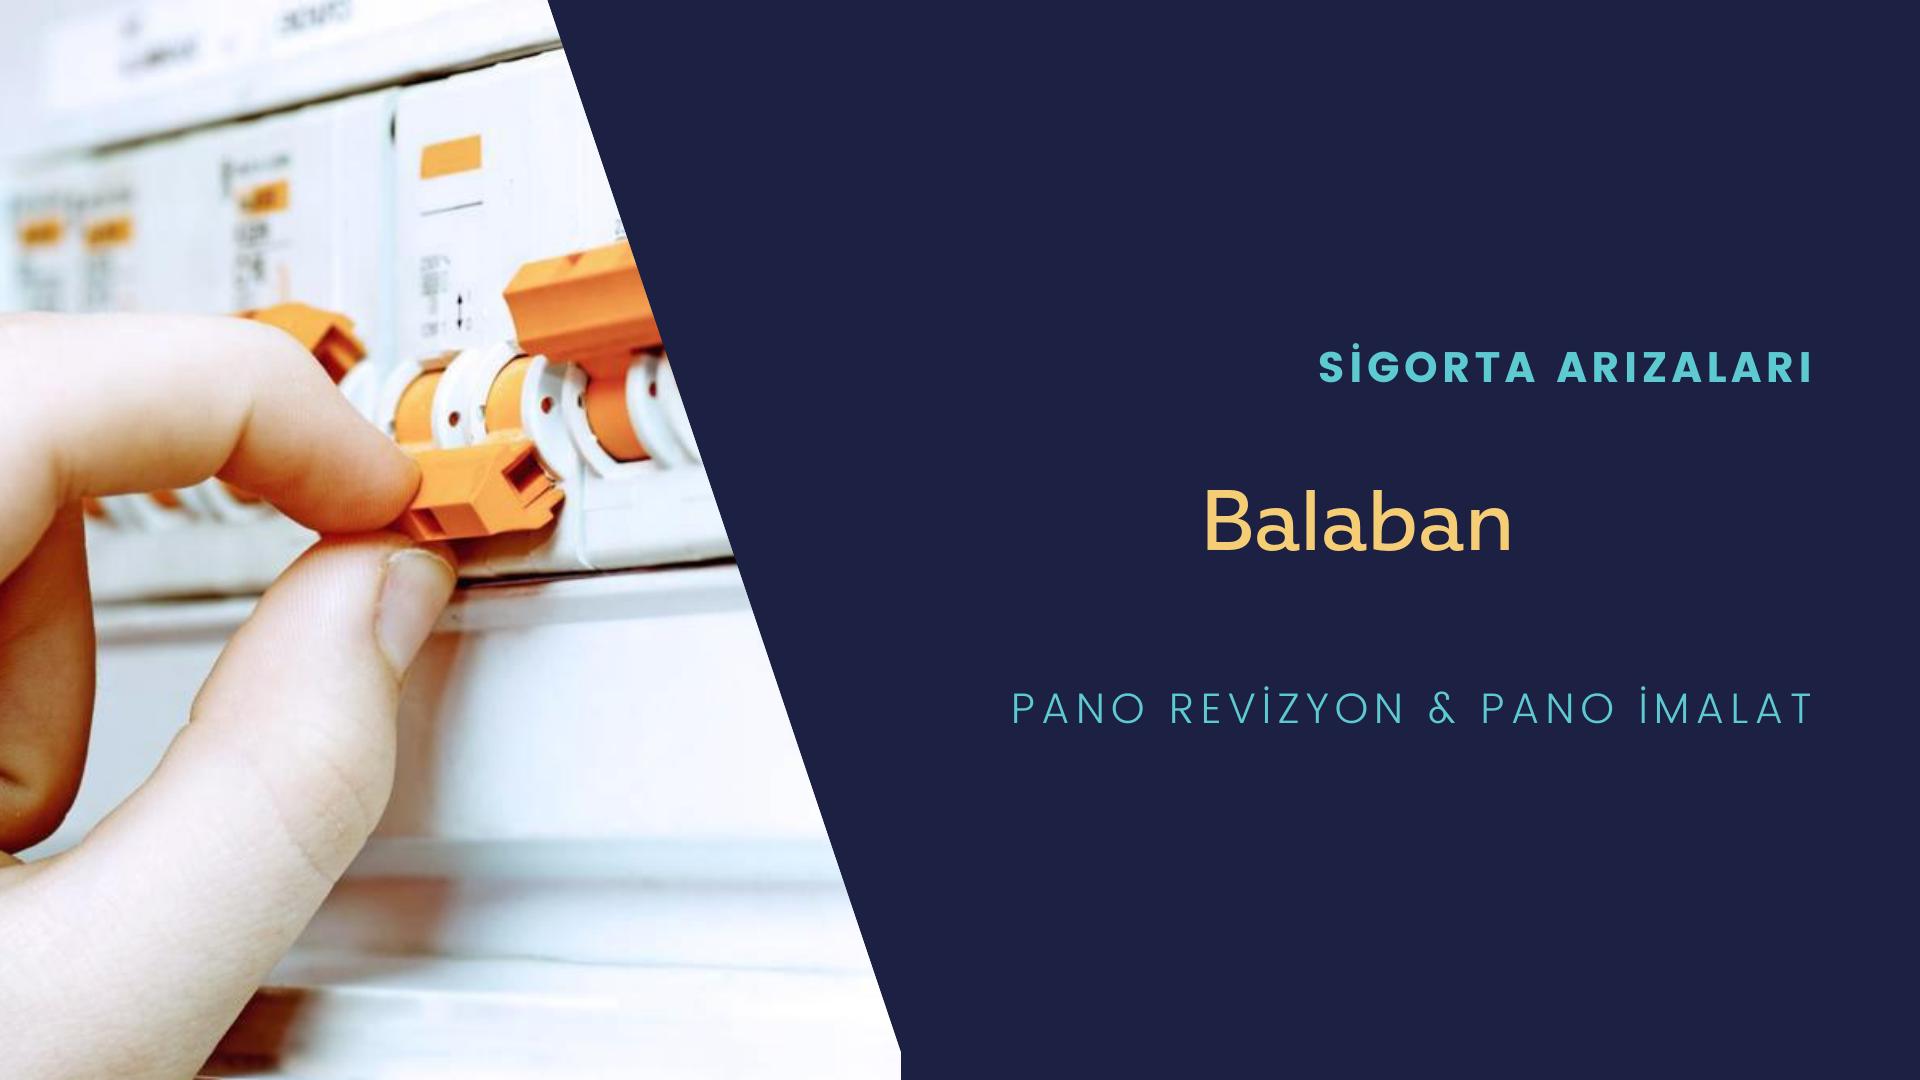 Balaban Sigorta Arızaları İçin Profesyonel Elektrikçi ustalarımızı dilediğiniz zaman arayabilir talepte bulunabilirsiniz.